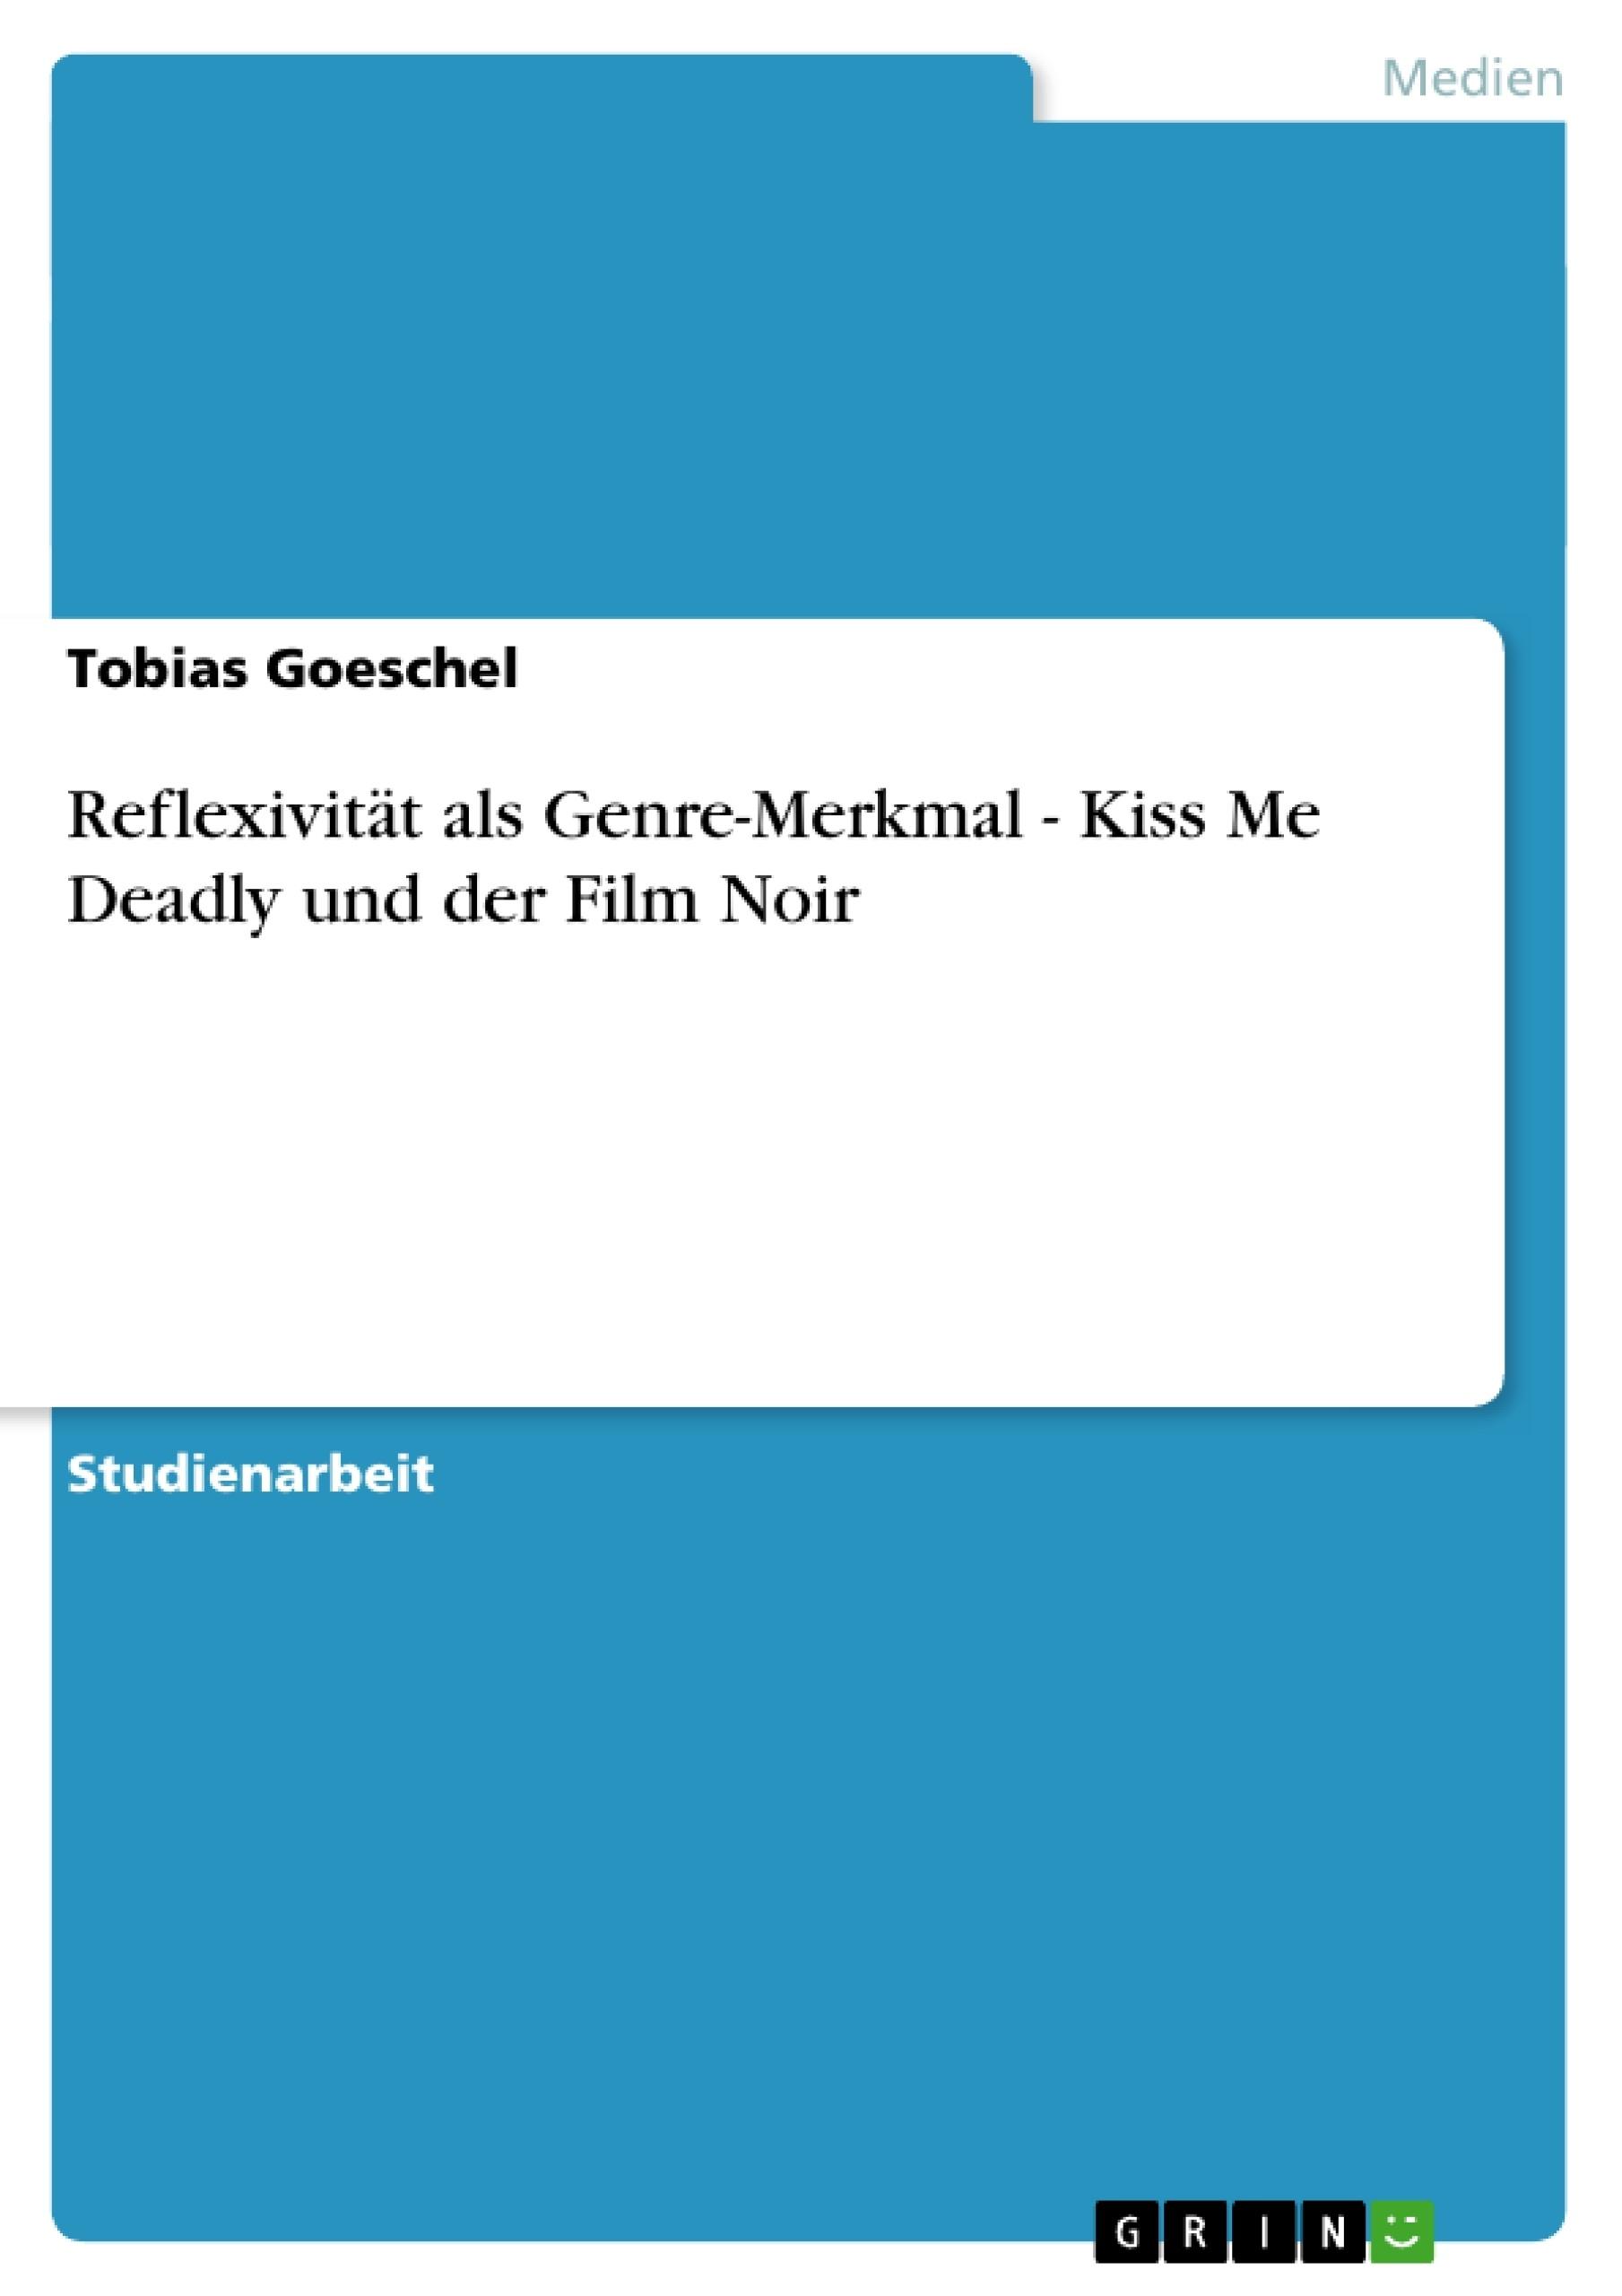 Titel: Reflexivität als Genre-Merkmal - Kiss Me Deadly und der Film Noir